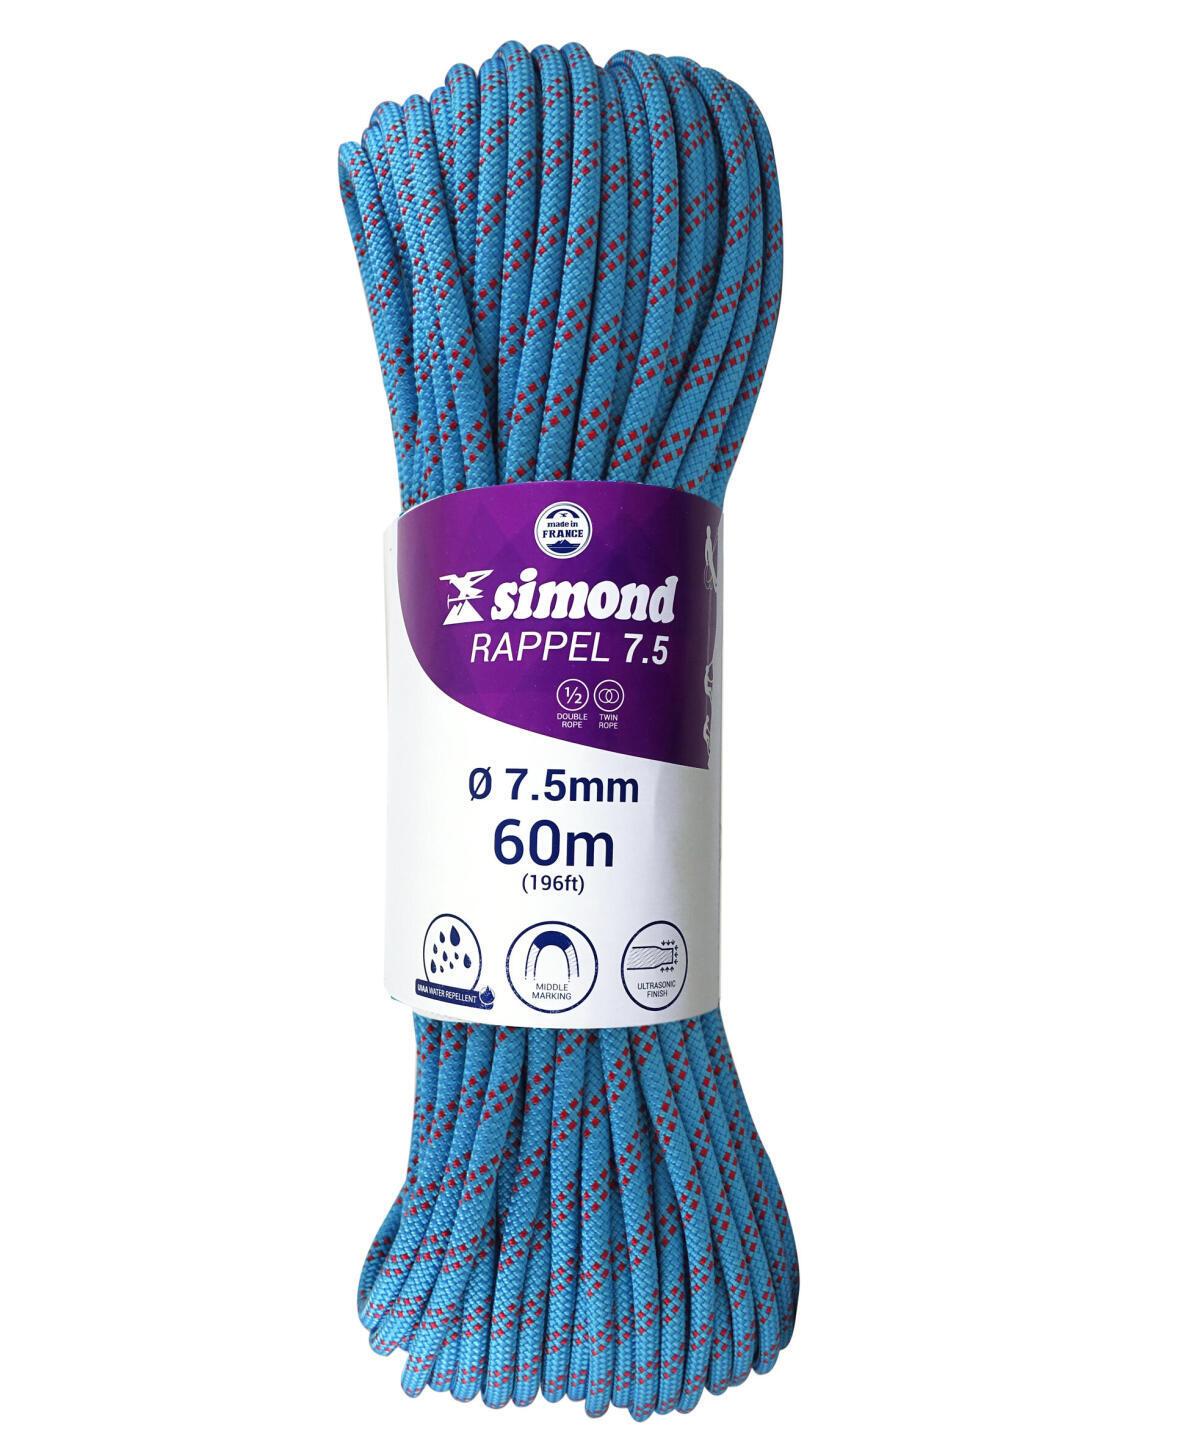 corde rappel 7.5 60m bleu simond 2018